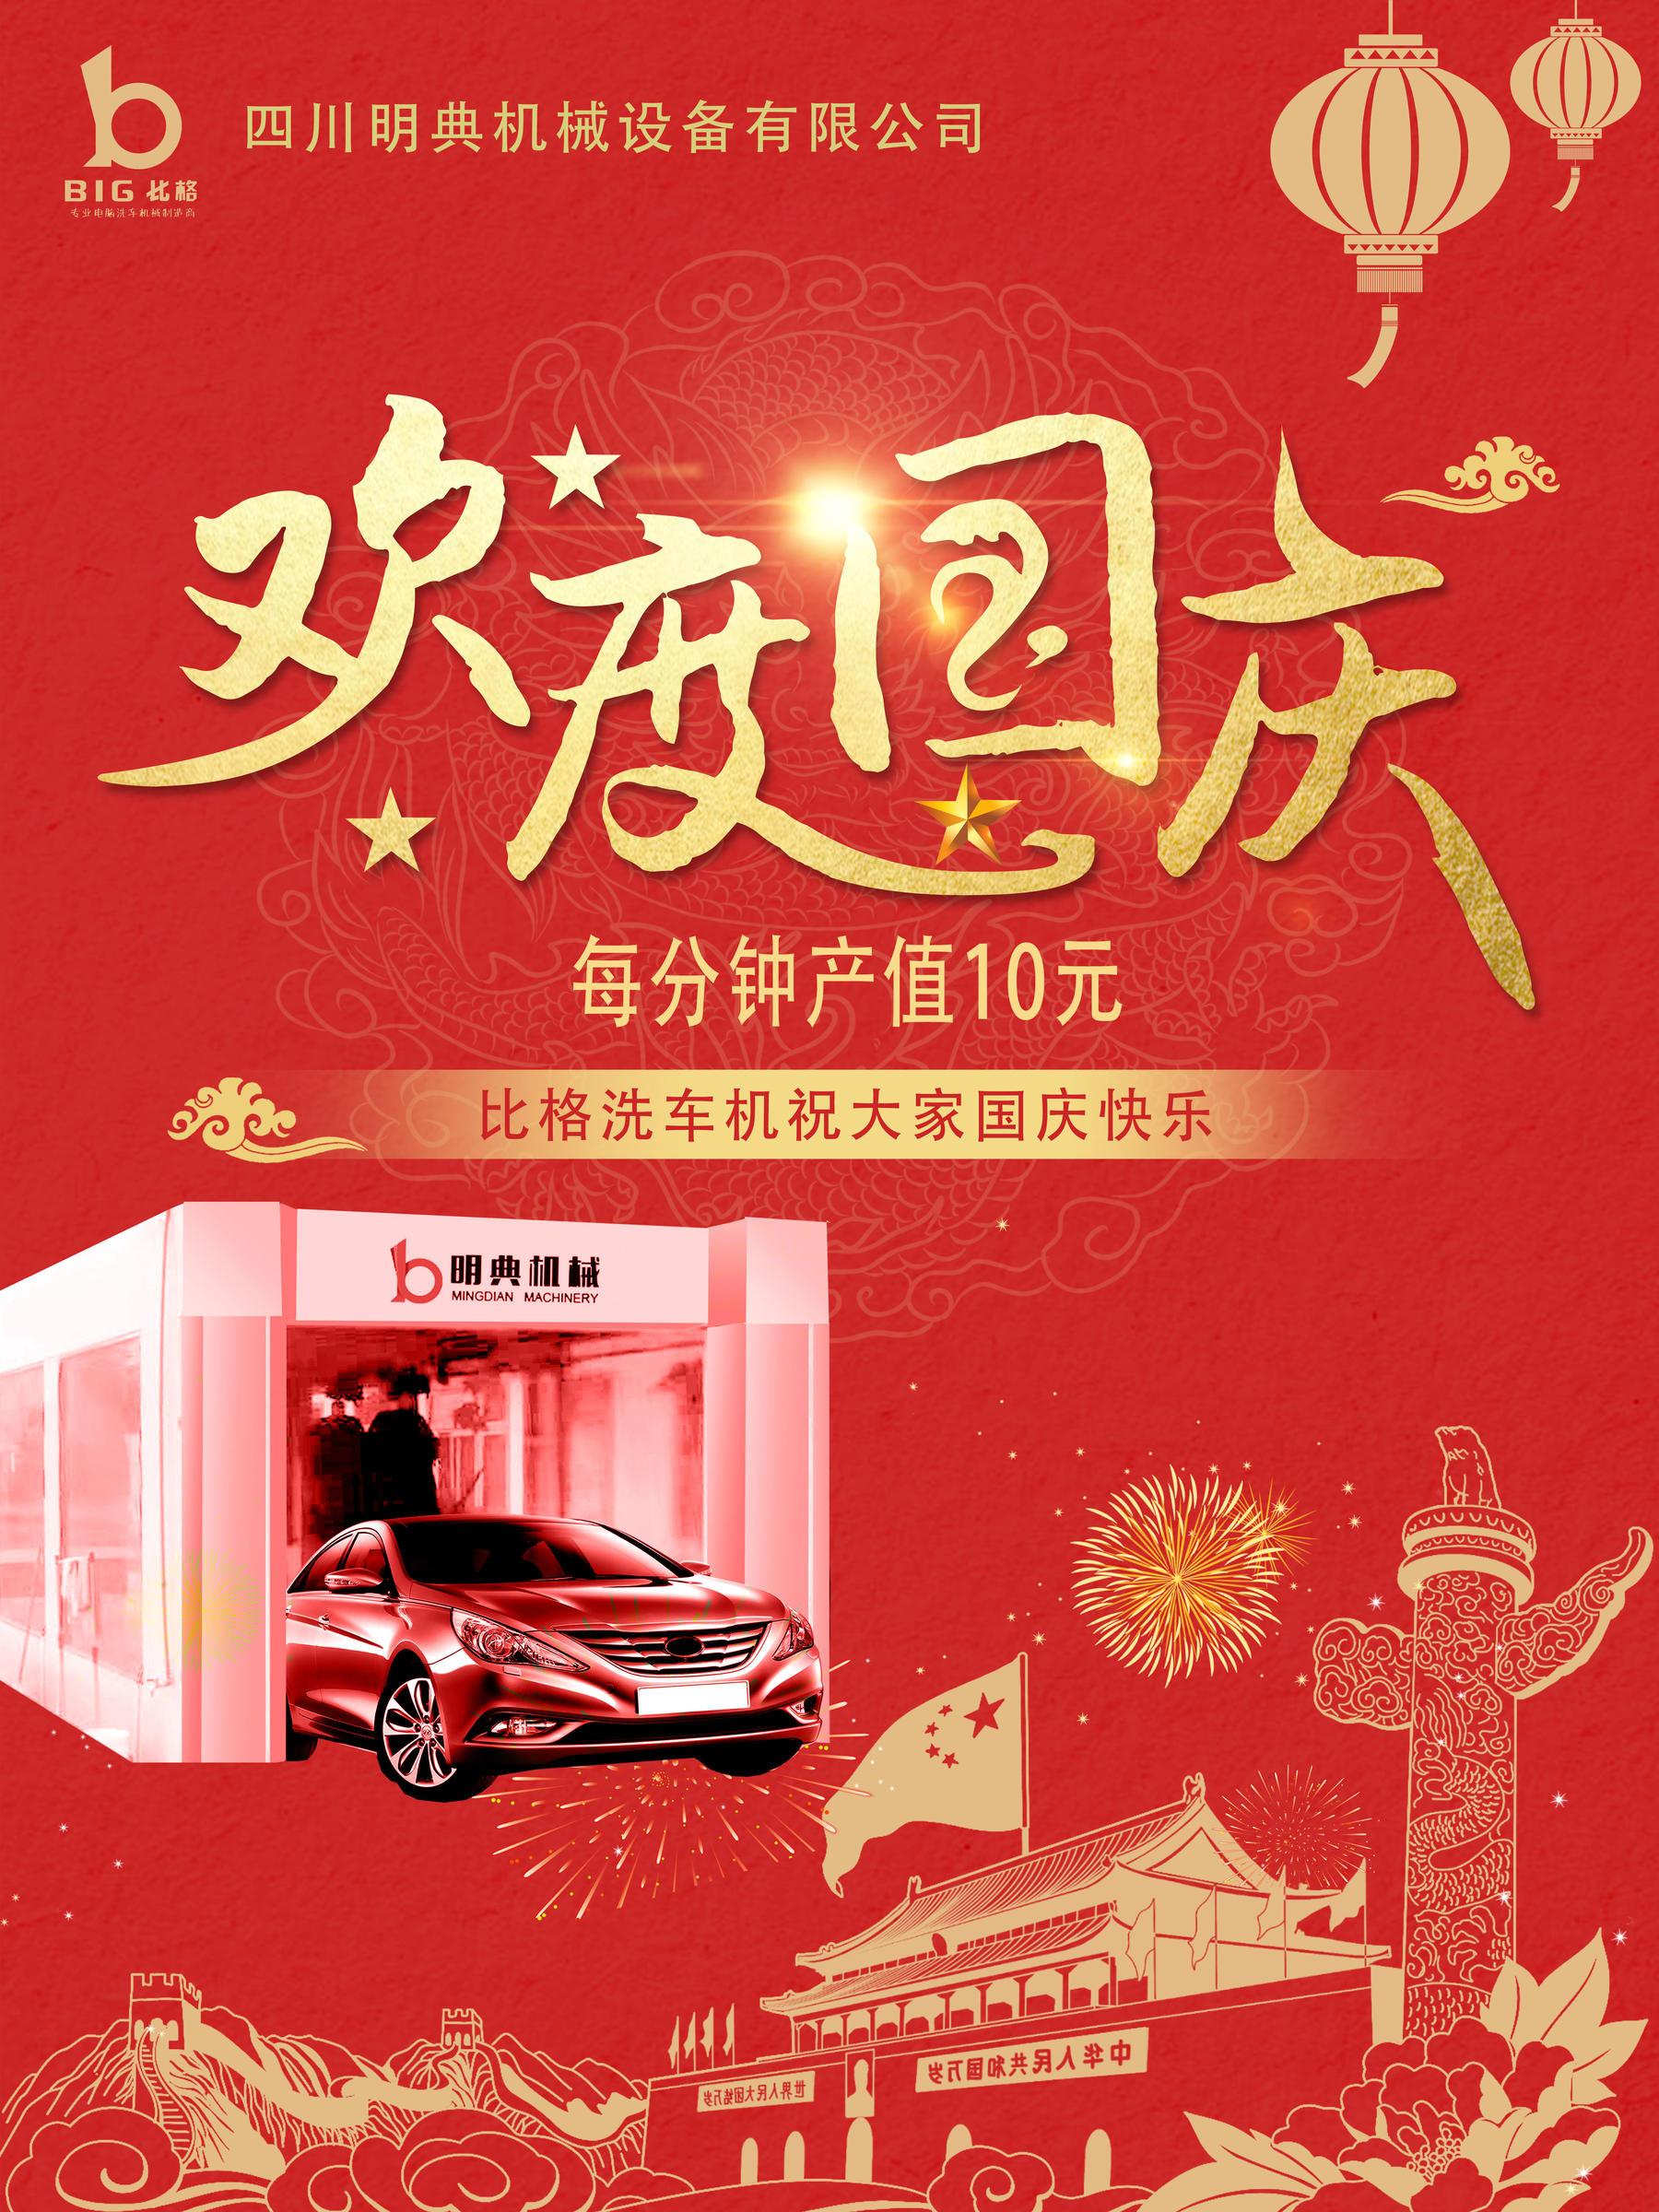 比格牌全自动洗车机祝福祖国繁荣昌盛,祝大家国庆快乐!